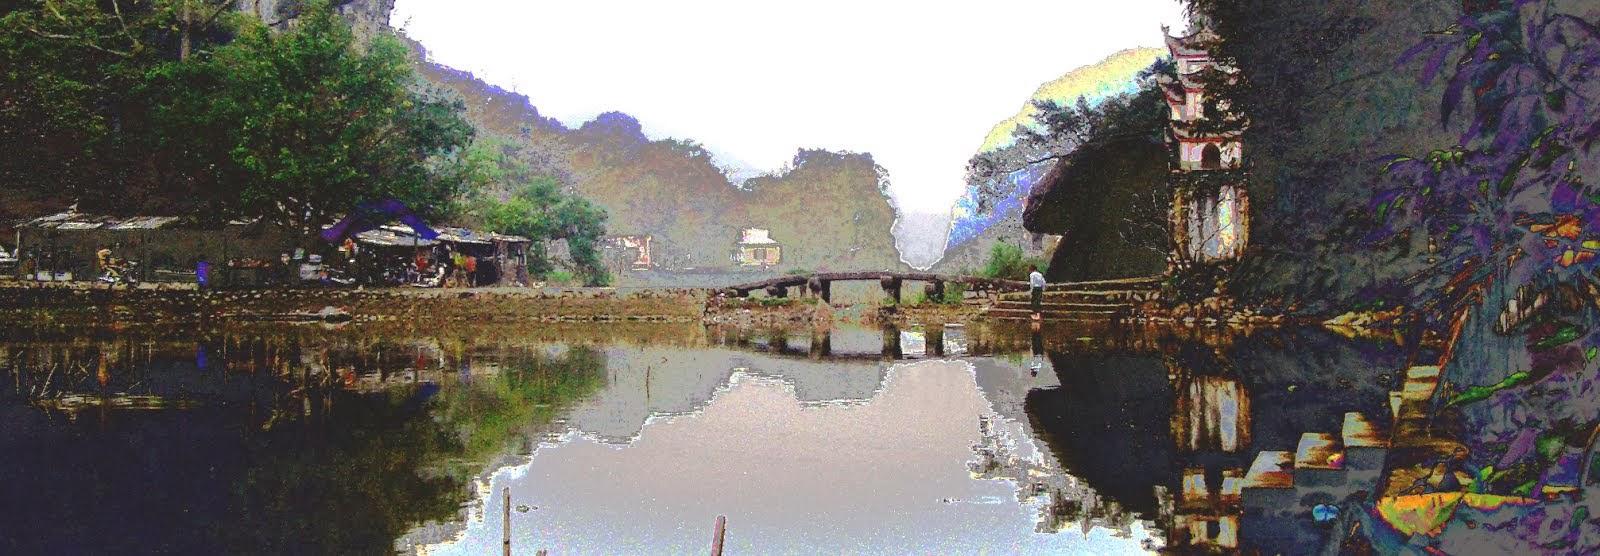 06-Viet-Puente magico